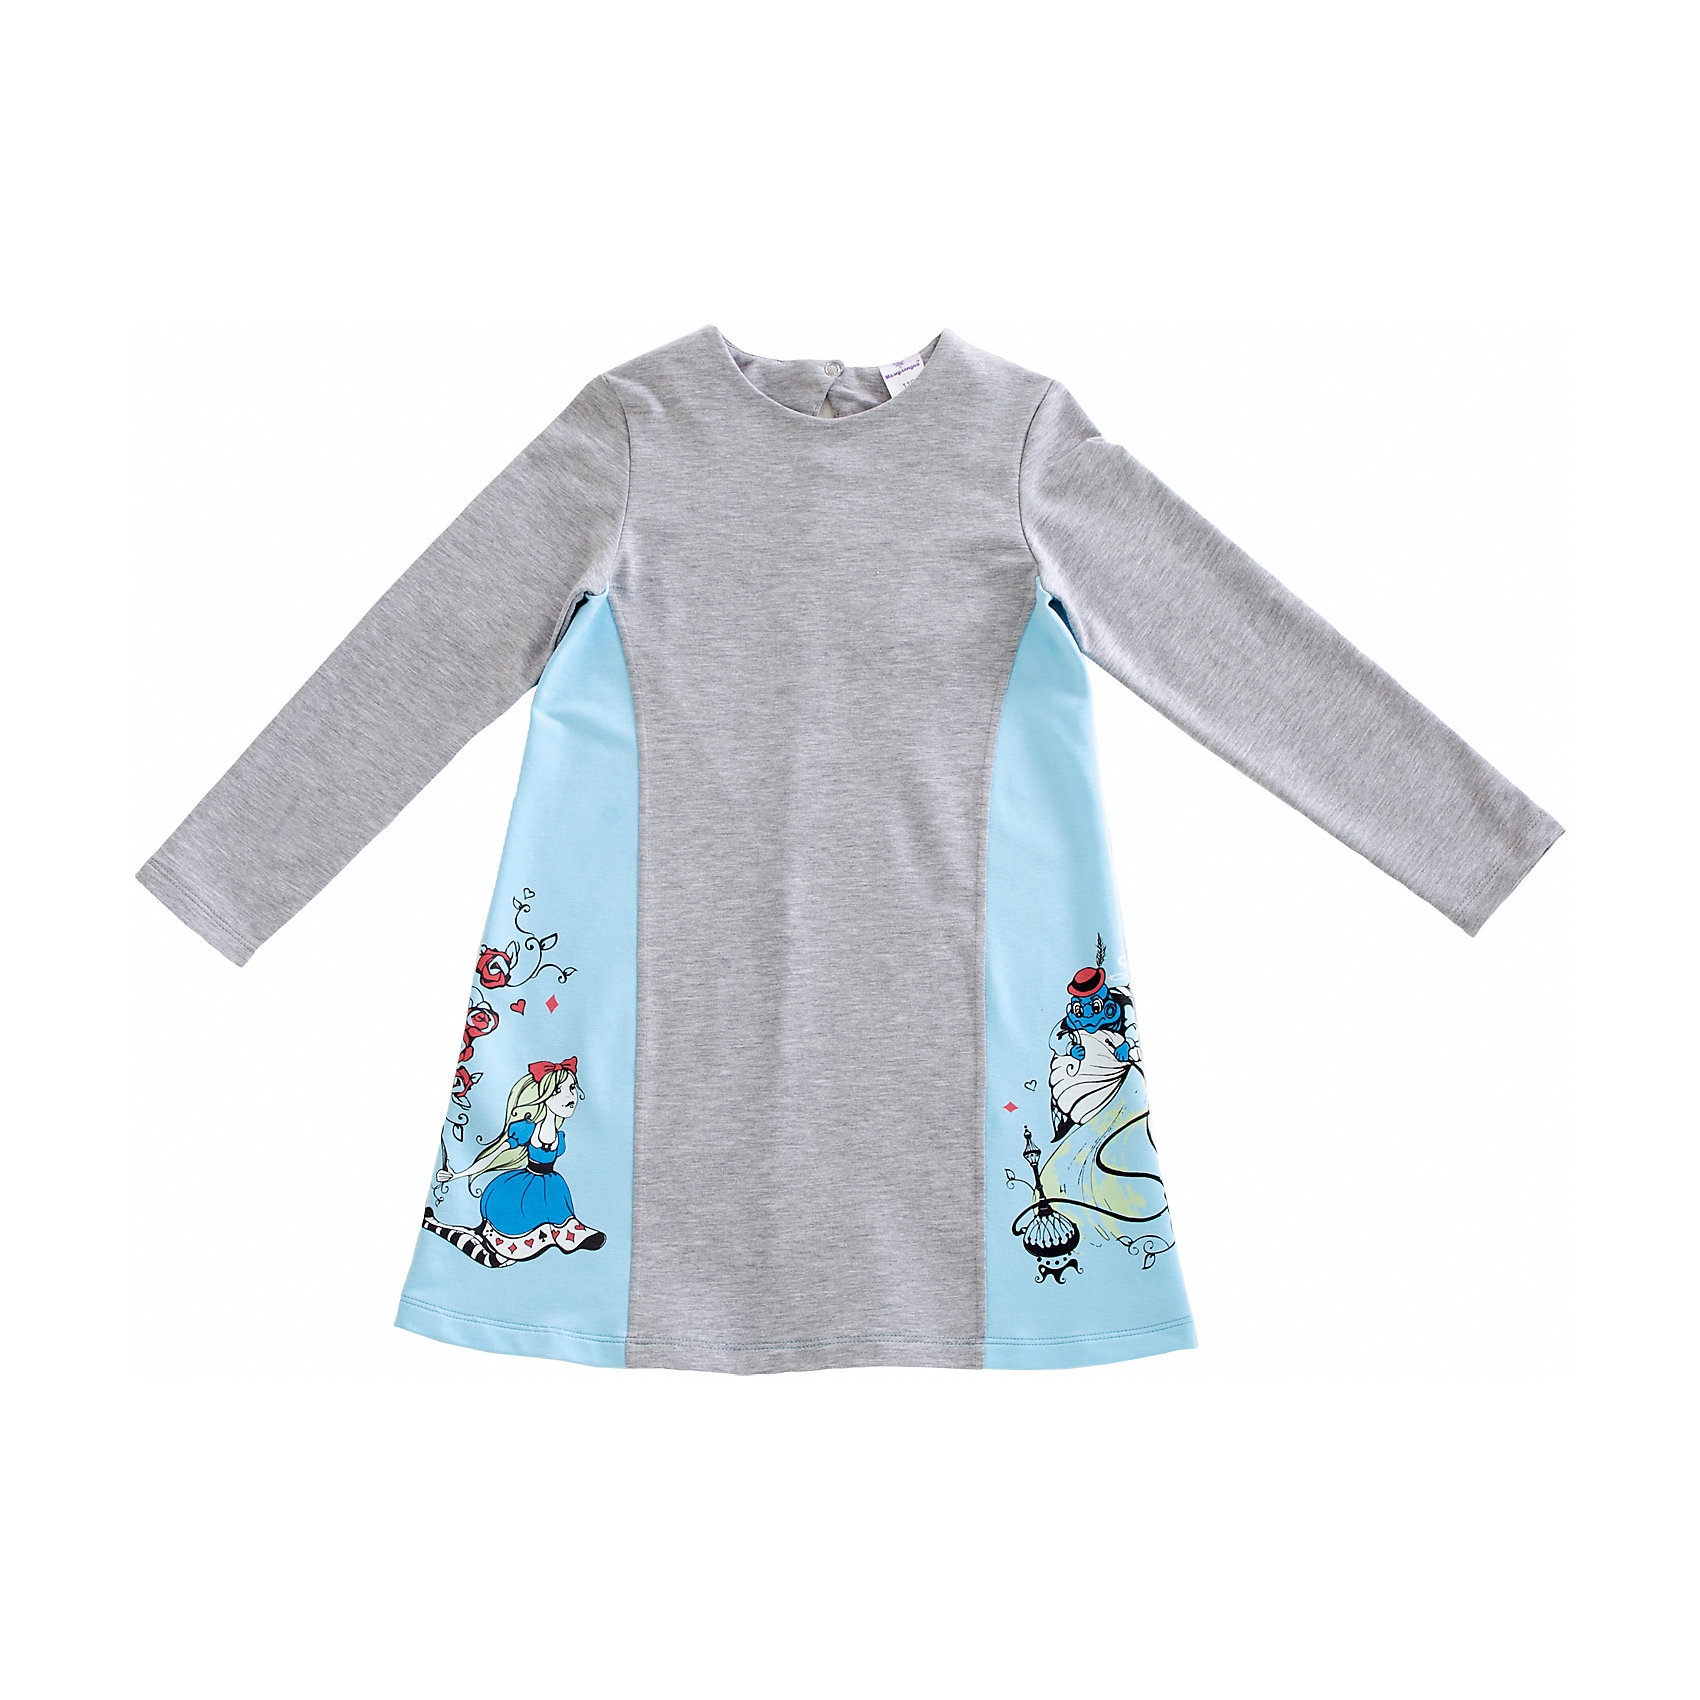 Платье для девочки МамуляндияПлатья и сарафаны<br>Платье для девочки Мамуляндия<br>Платье с длинным рукавом для девочки из дизайнерской коллекции Алиса.<br>Изготовлено трикотажного полотна высшего качества (футер).<br>Гипоаллергенный принт на водной основе, застёжка на спинке на кнопку из гипоаллергенного сплава без содержания никеля. <br><br>Состав 100% хлопок (футер). <br>Рекомендации по уходу: стирать при 40 С, гладить при средней температуре, носить с удовольствием!<br>Состав:<br>100% хлопок<br><br>Ширина мм: 236<br>Глубина мм: 16<br>Высота мм: 184<br>Вес г: 177<br>Цвет: голубой<br>Возраст от месяцев: 72<br>Возраст до месяцев: 84<br>Пол: Женский<br>Возраст: Детский<br>Размер: 122,92,98,104,110,116<br>SKU: 5513831